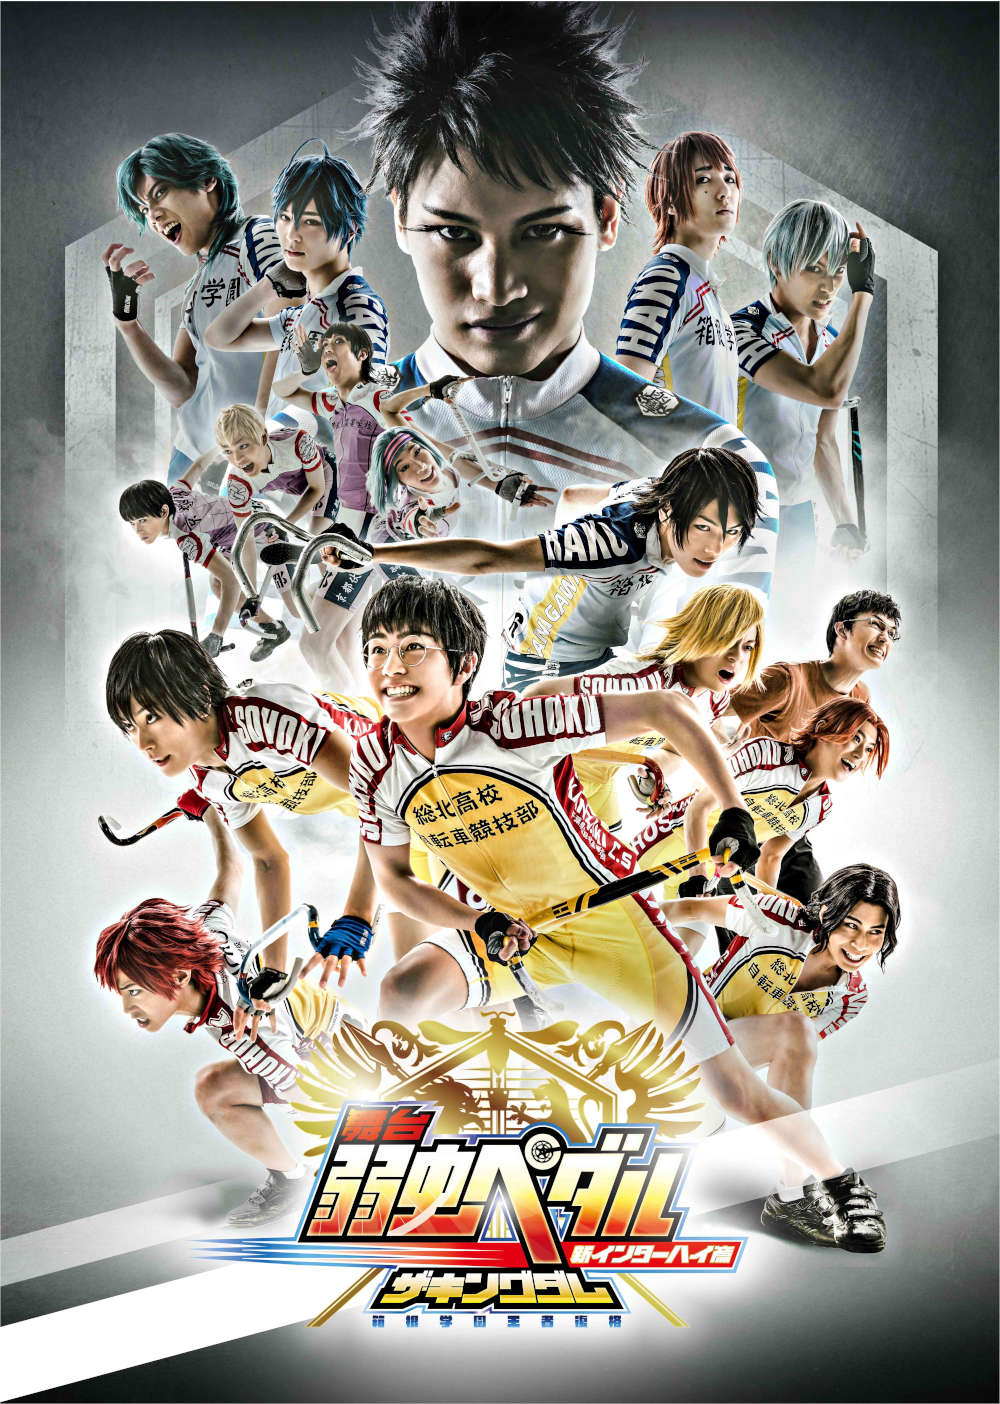 舞台『弱虫ペダル』新インターハイ篇 〜箱根学園王者復格(ザ・キングダム)〜 DVD